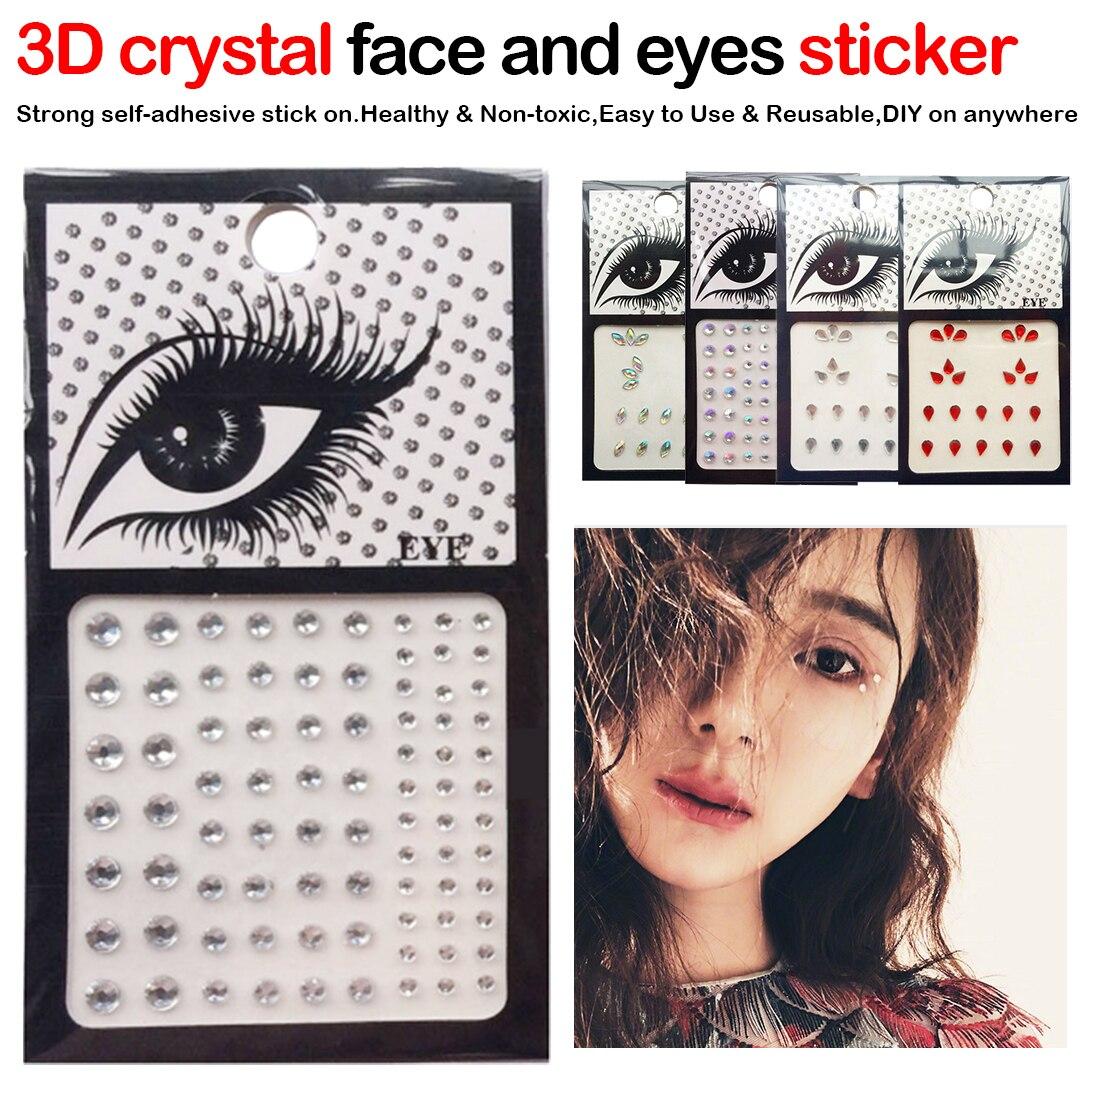 Наклейки на лицо, 1 шт., блестящие, ручной работы, 3D, со стразами, из смолы, для дрели, для глаз, для украшения спереди, временная тату-наклейка